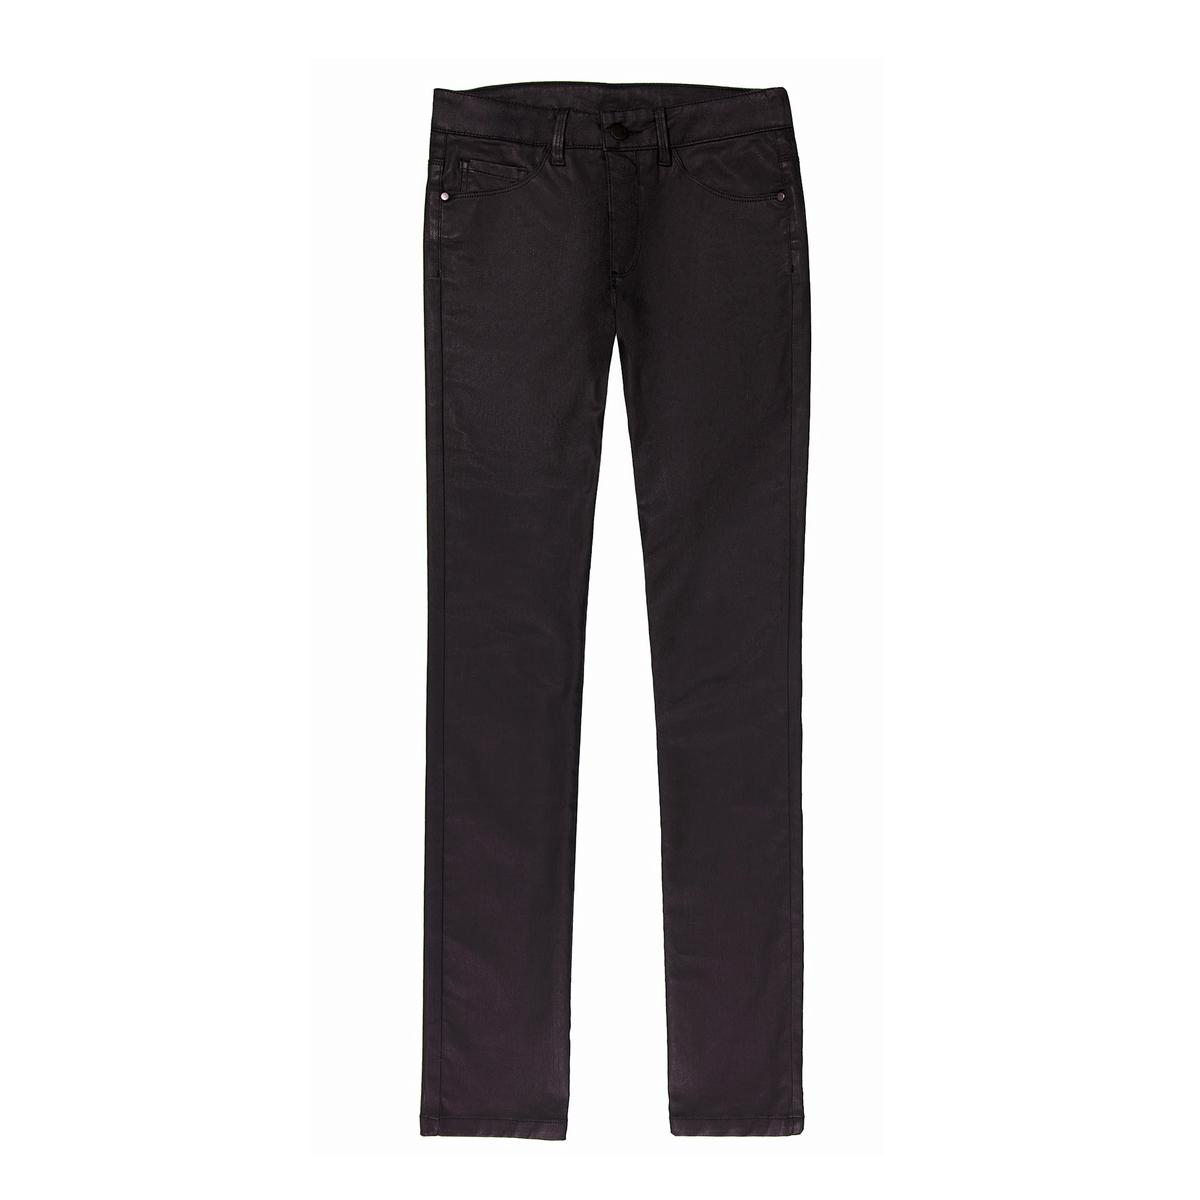 Jeans direitos revestidos